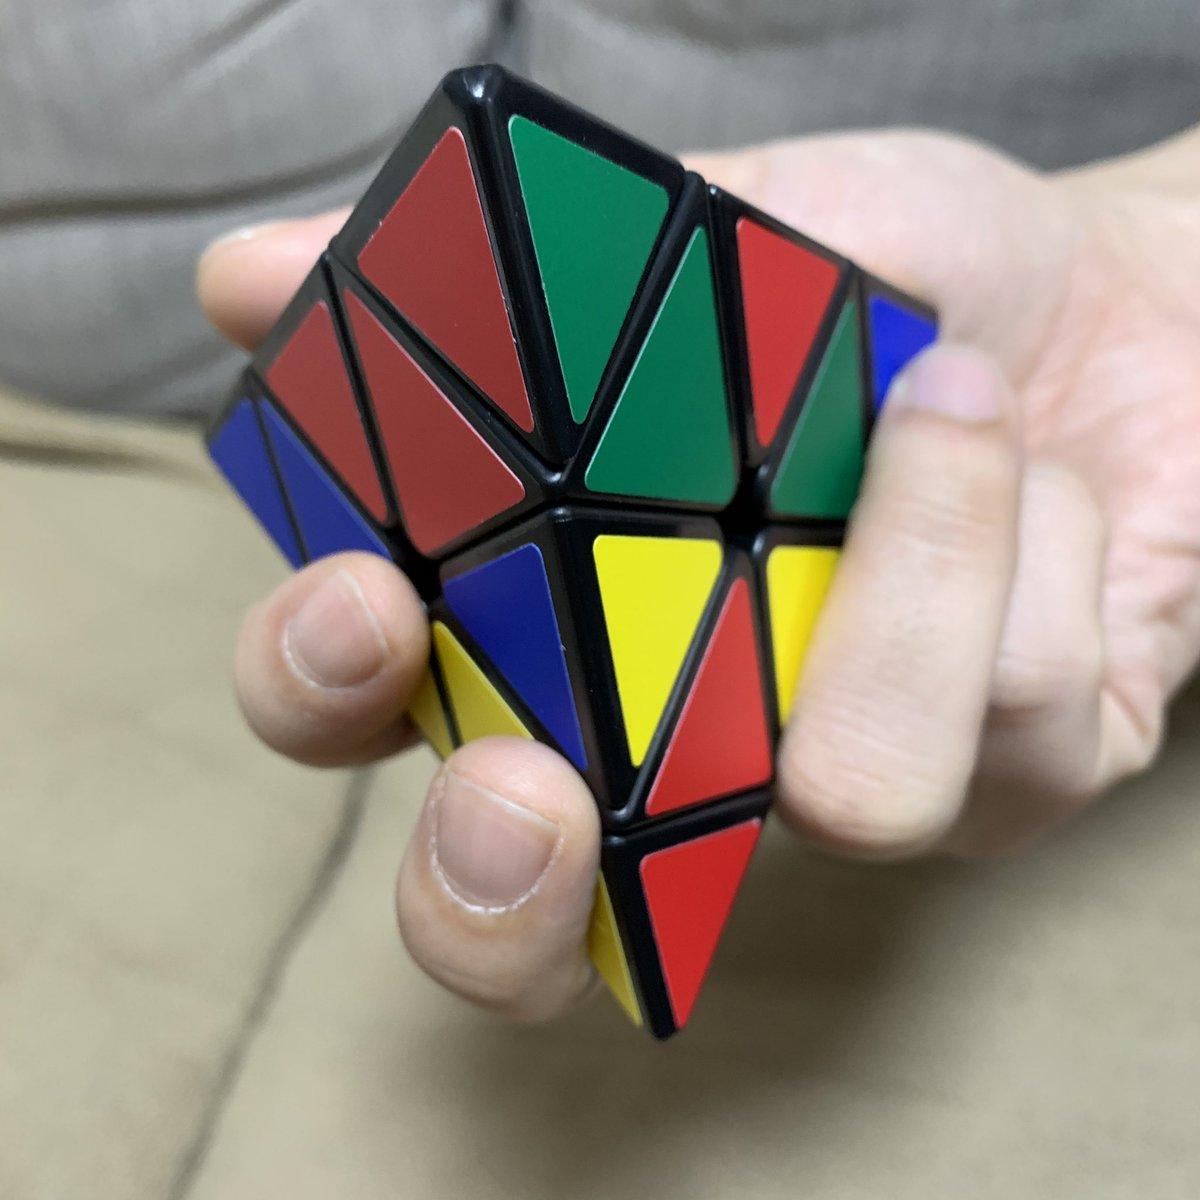 test ツイッターメディア - 雪だるまを作りたい所ですが、 今日は自宅で色々楽しむ! と決めたので、我慢☃️  お昼ご飯の後から、 正三角形9個×4面を揃える (7,500万通りの組み合わせあり⁉️) 🧩ピラミンクス🧩に 挑戦しています!  難しい〜😖💦(Q)  #活脳パズル #脳TOY #正四面体回転パズル https://t.co/9fQNQIFath